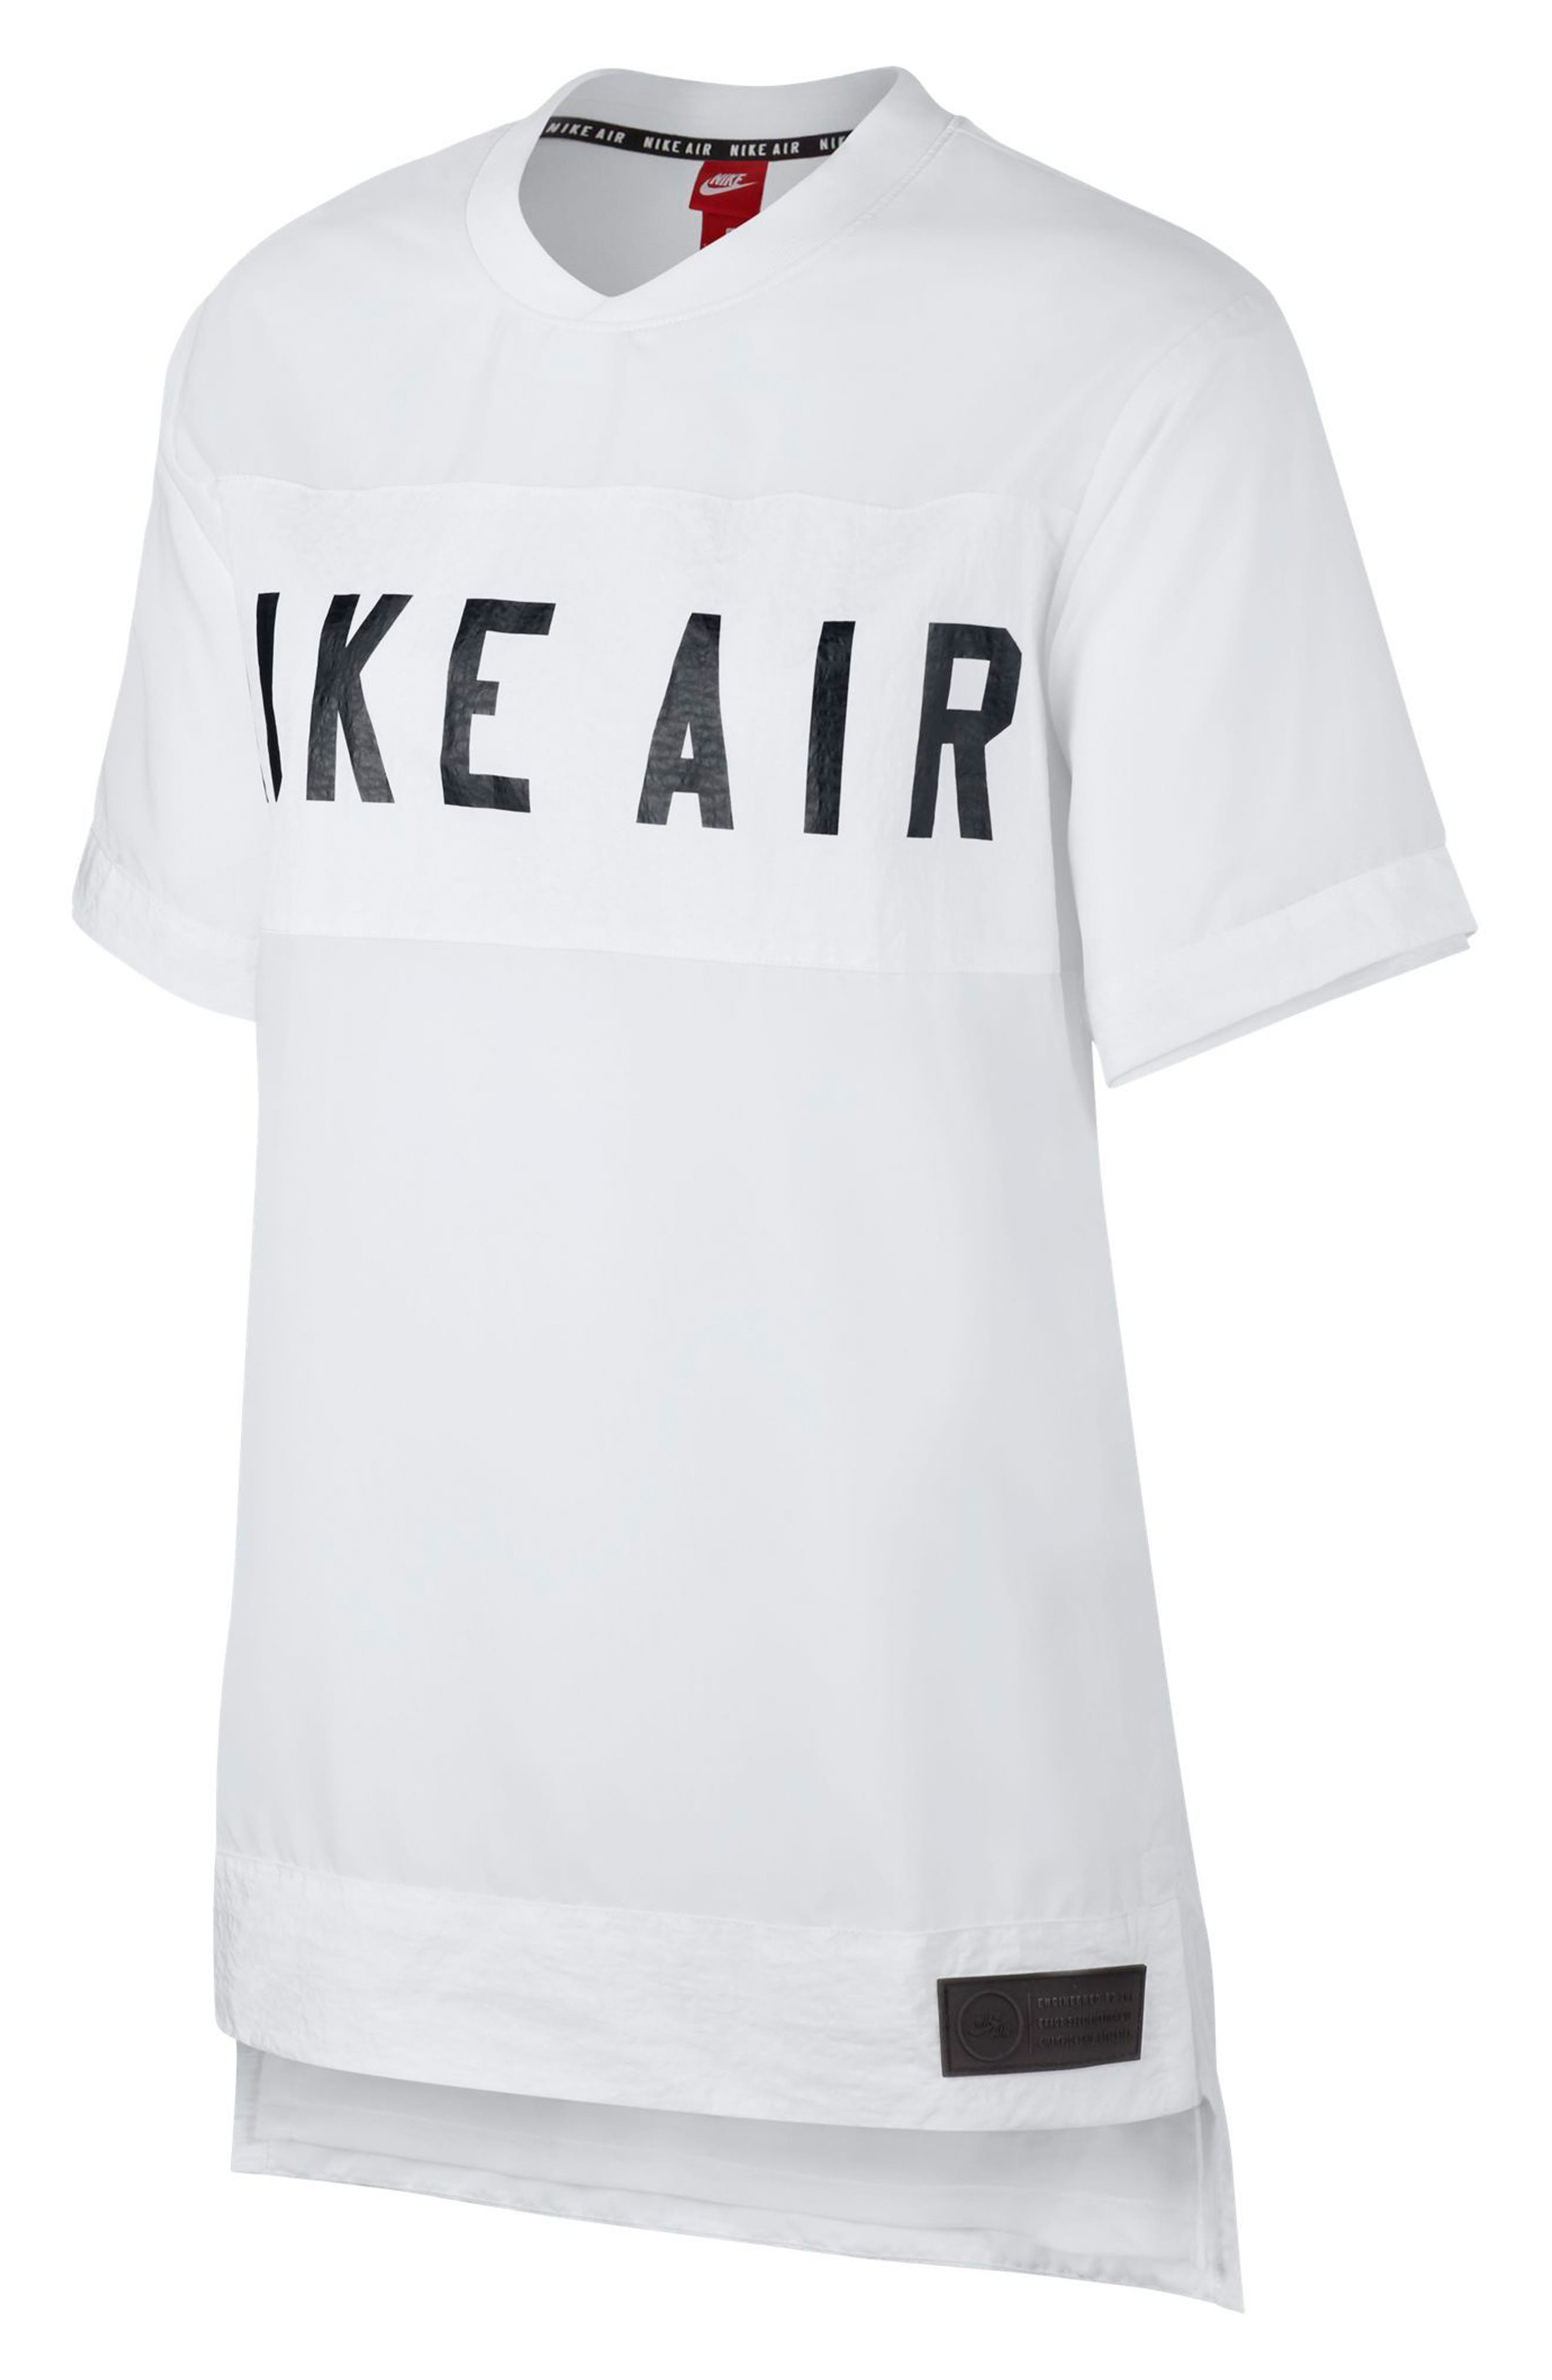 Air Tee,                             Main thumbnail 1, color,                             White